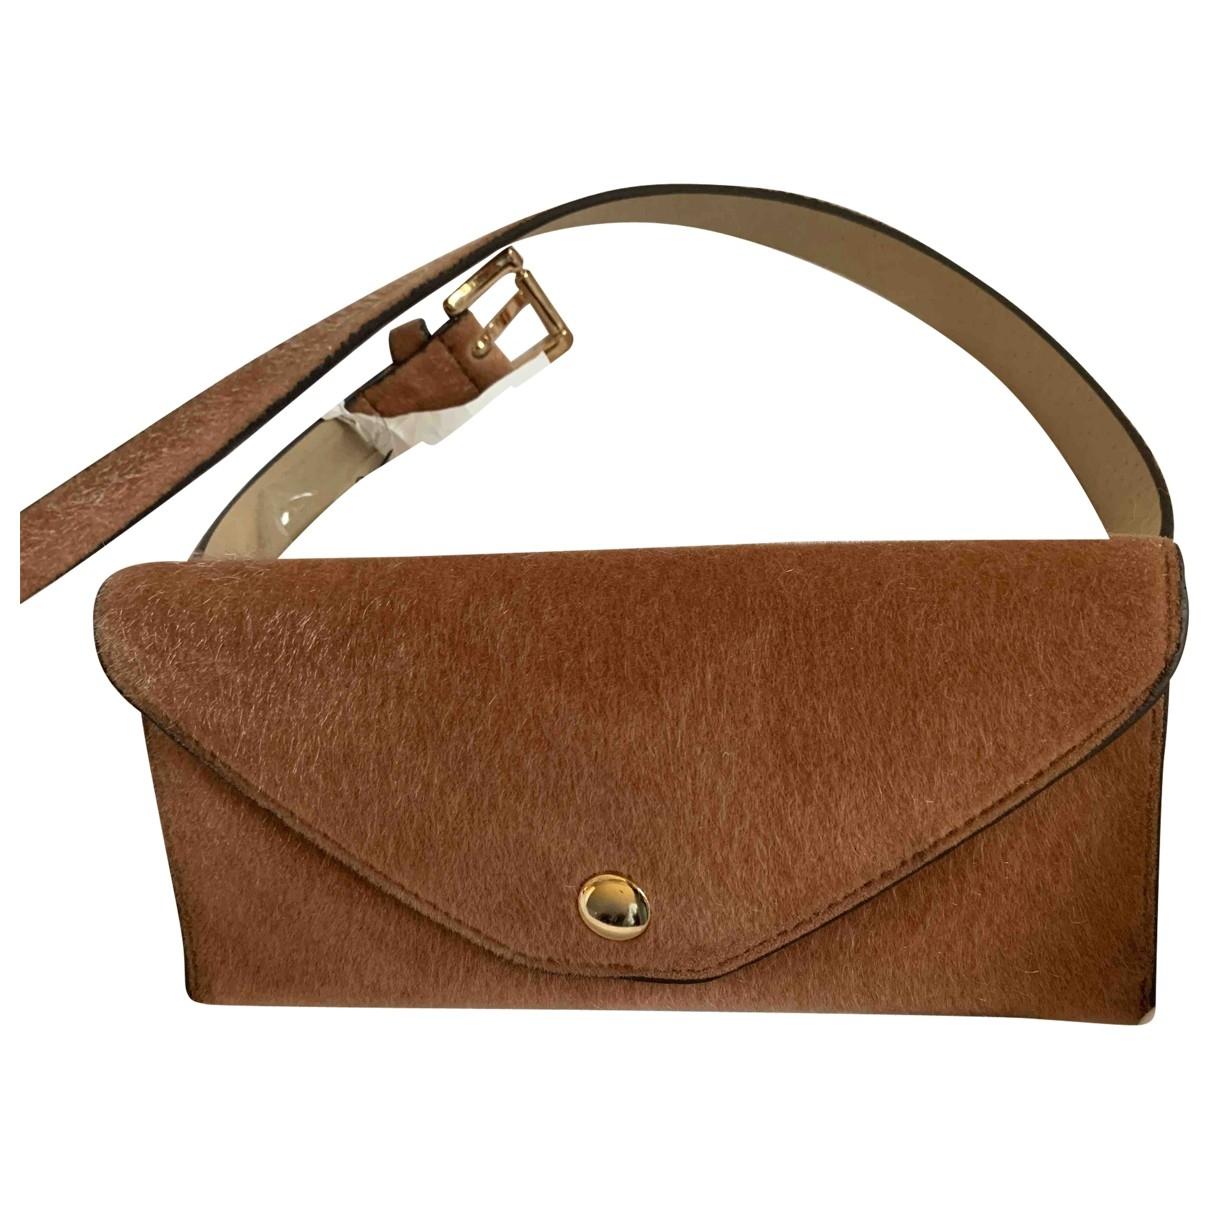 Steve Madden \N Brown handbag for Women \N